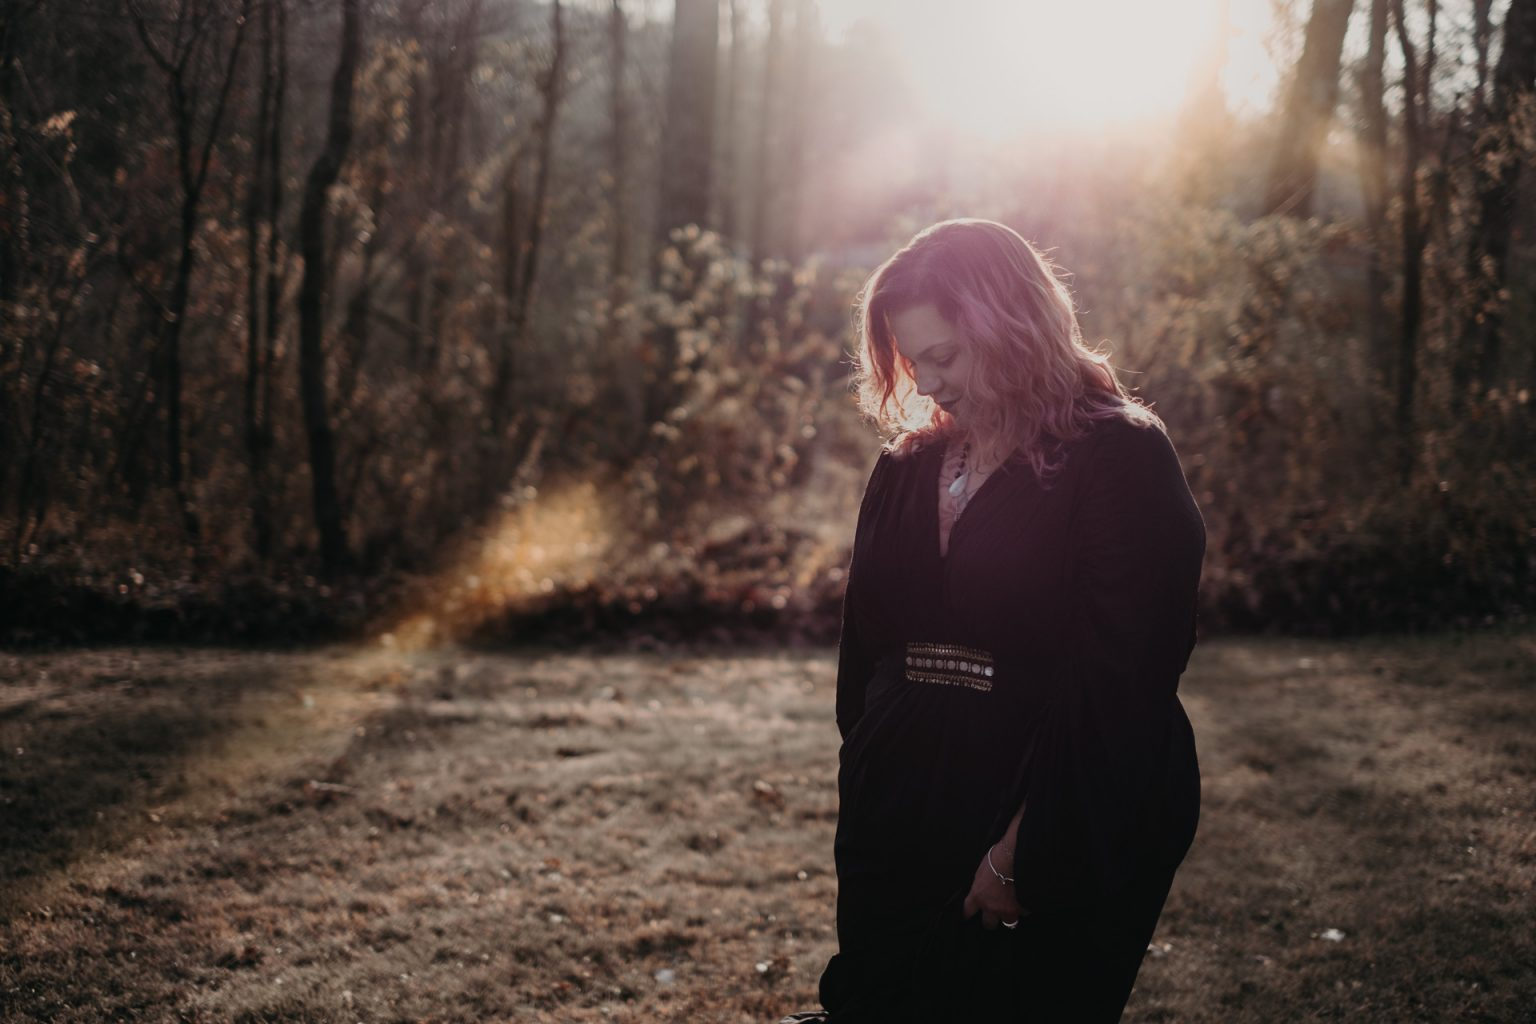 portrait of woman in woods sunlight